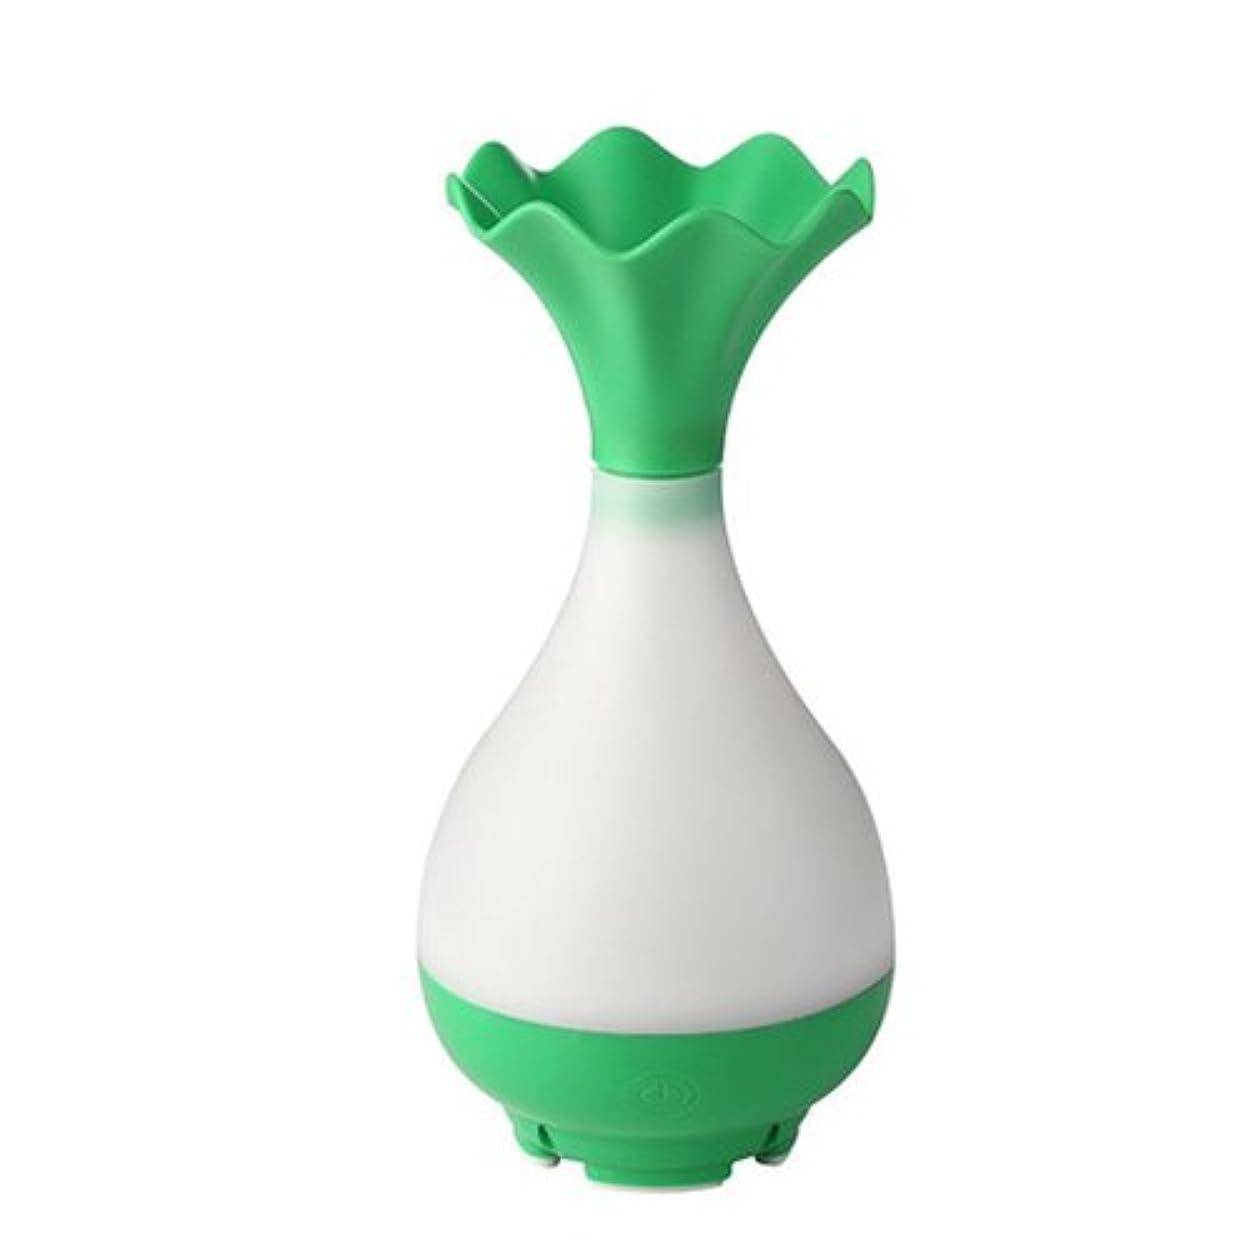 悪用同級生やさしくMystic Moments | Green Vase Bottle USB Aromatherapy Oil Humidifier Diffuser with LED Lighting